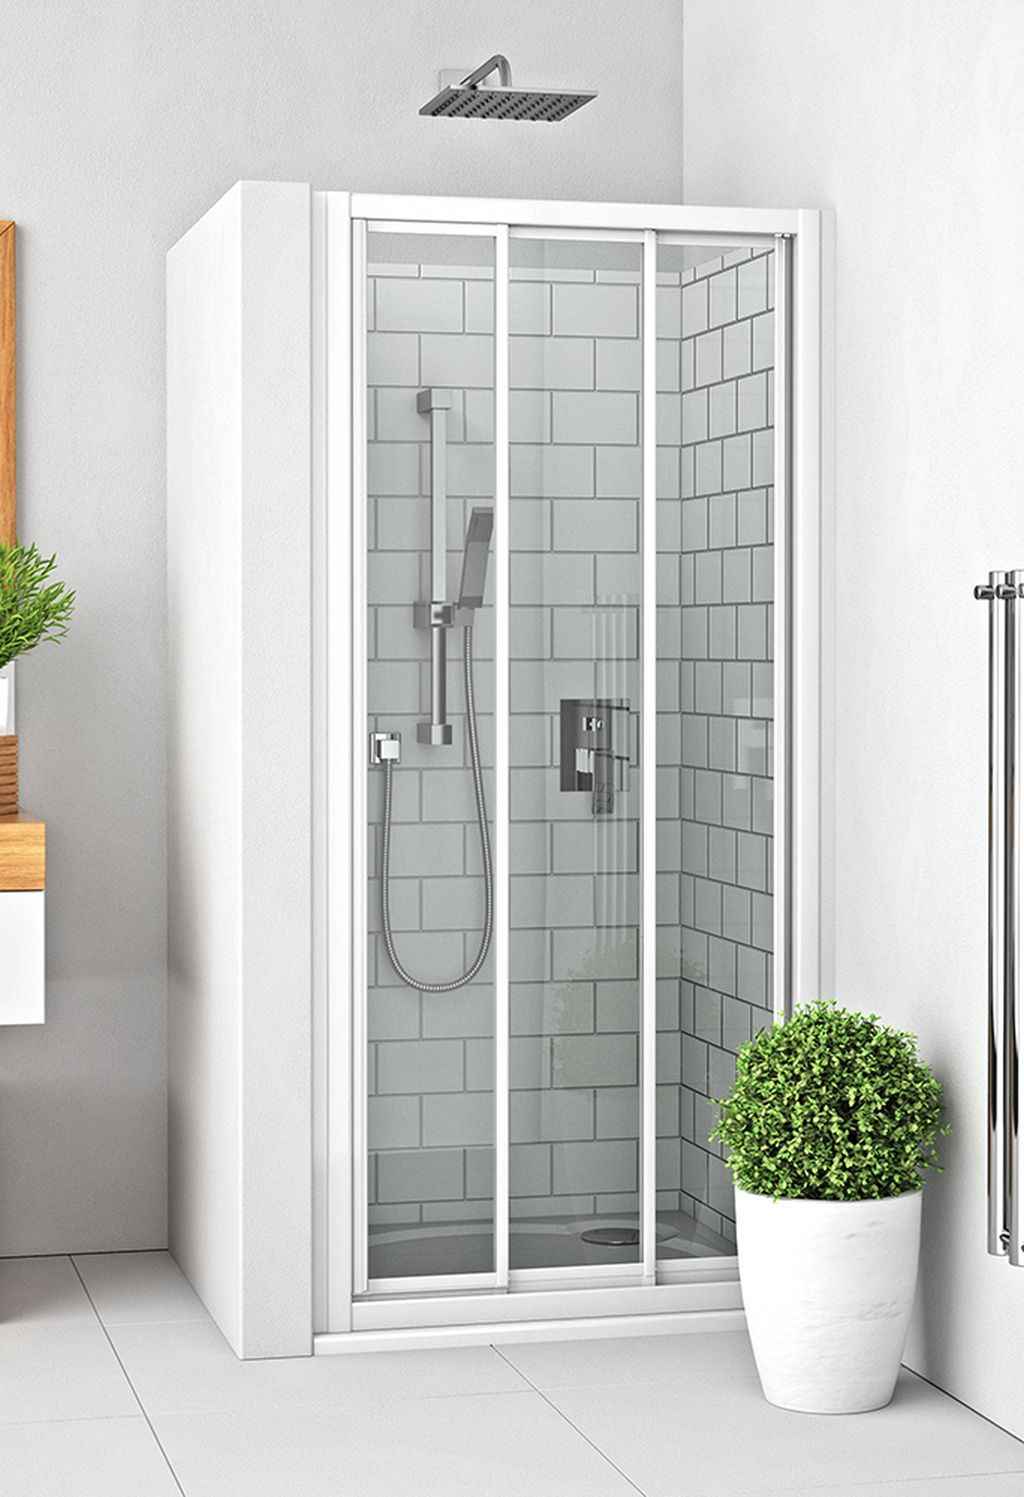 ROLTECHNIK Sprchové dveře posuvné s oboustranným vstupem pro instalaci do niky PD3N/1000 bílá/grape 413-1000000-04-11